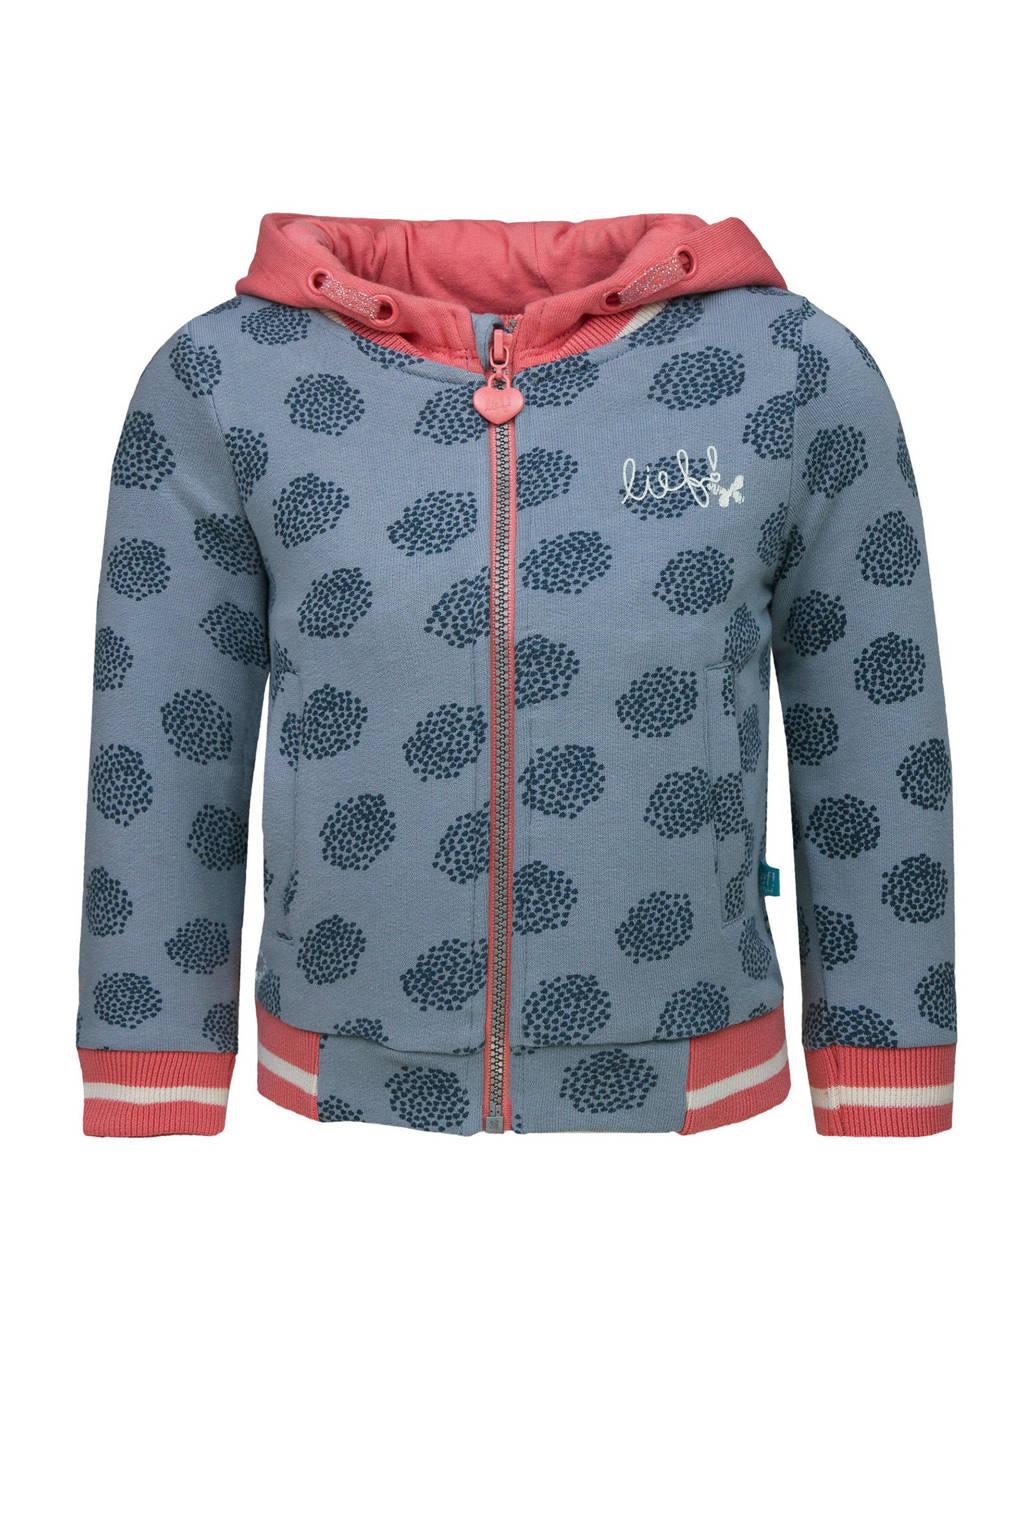 lief! vest met all over print lichtblauw/donkerblauw/roze, Lichtblauw/donkerblauw/roze